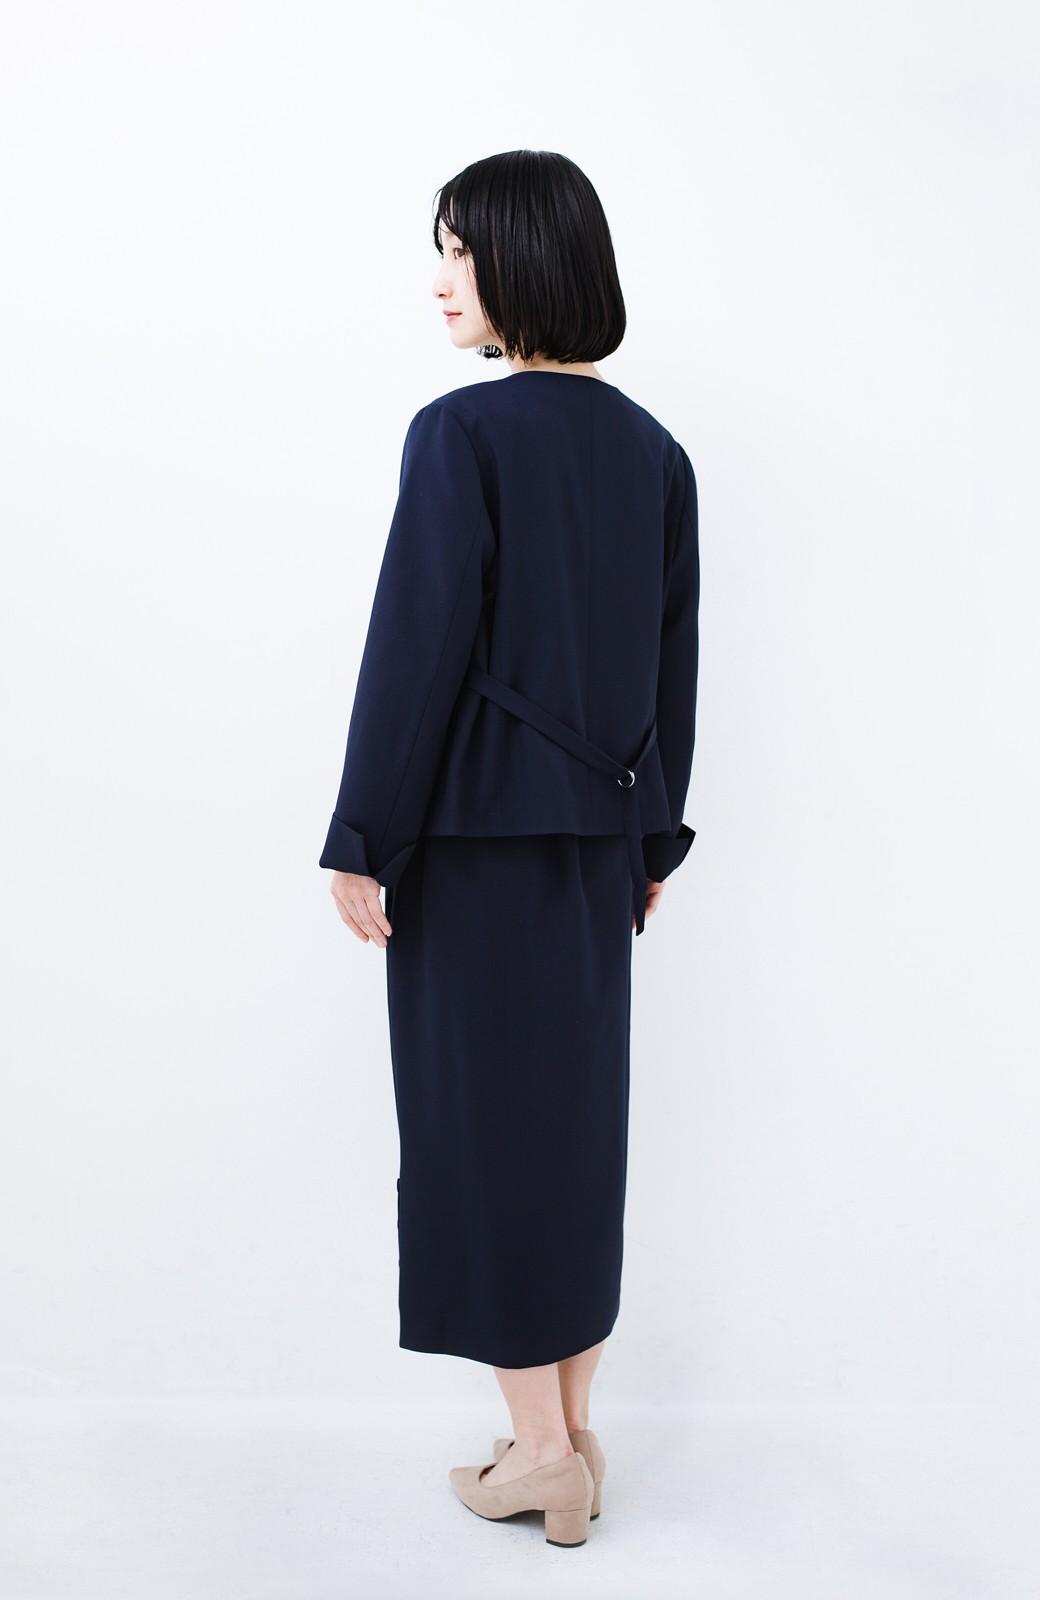 haco! 持っていると便利な野暮ったくならないフォーマルジャケット・スカートの2点セット <ネイビー>の商品写真7